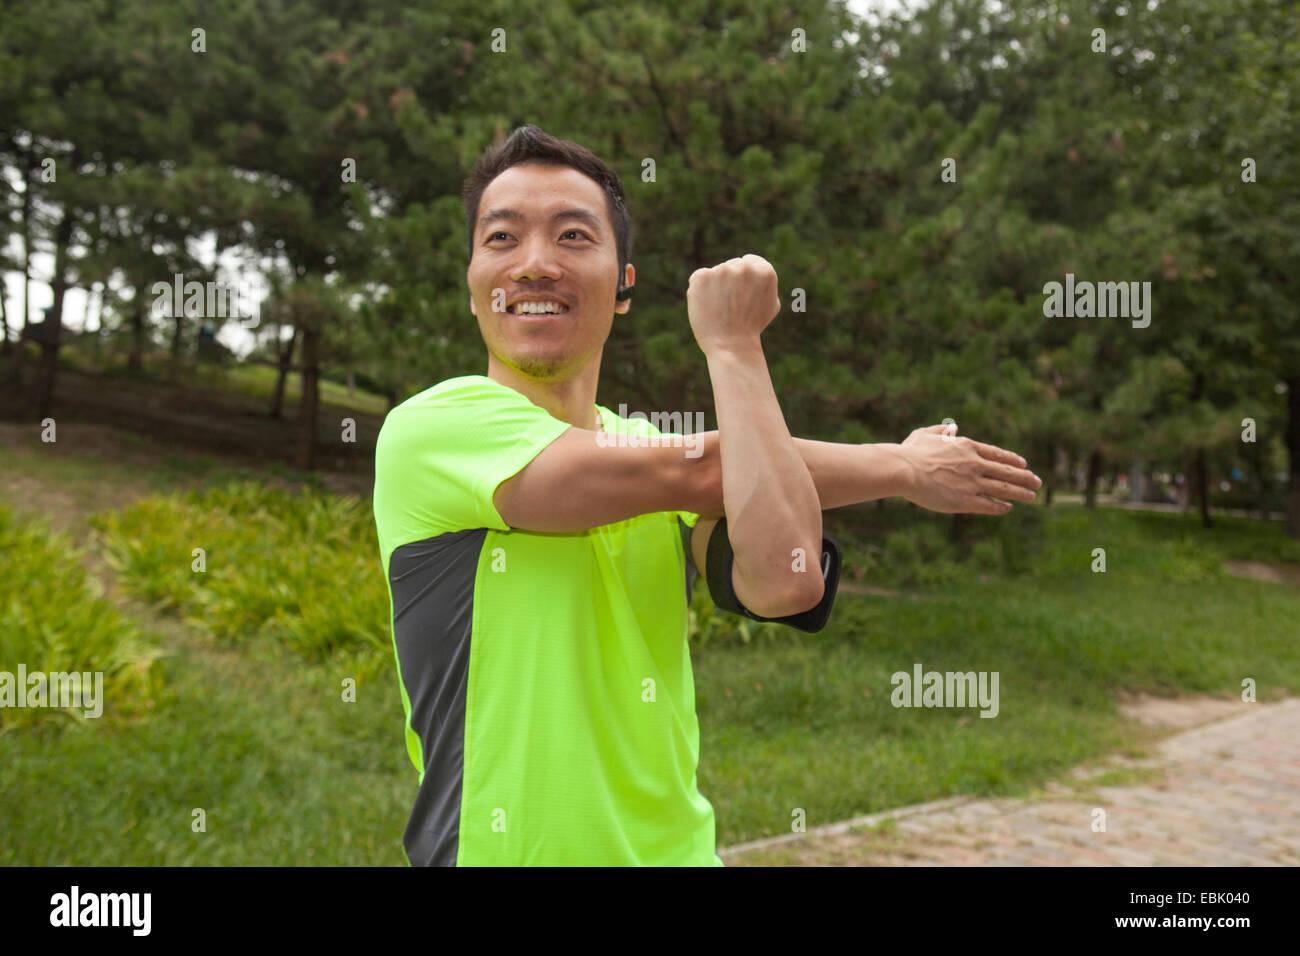 Giovane maschio runner bracci di estensione in posizione di parcheggio Immagini Stock